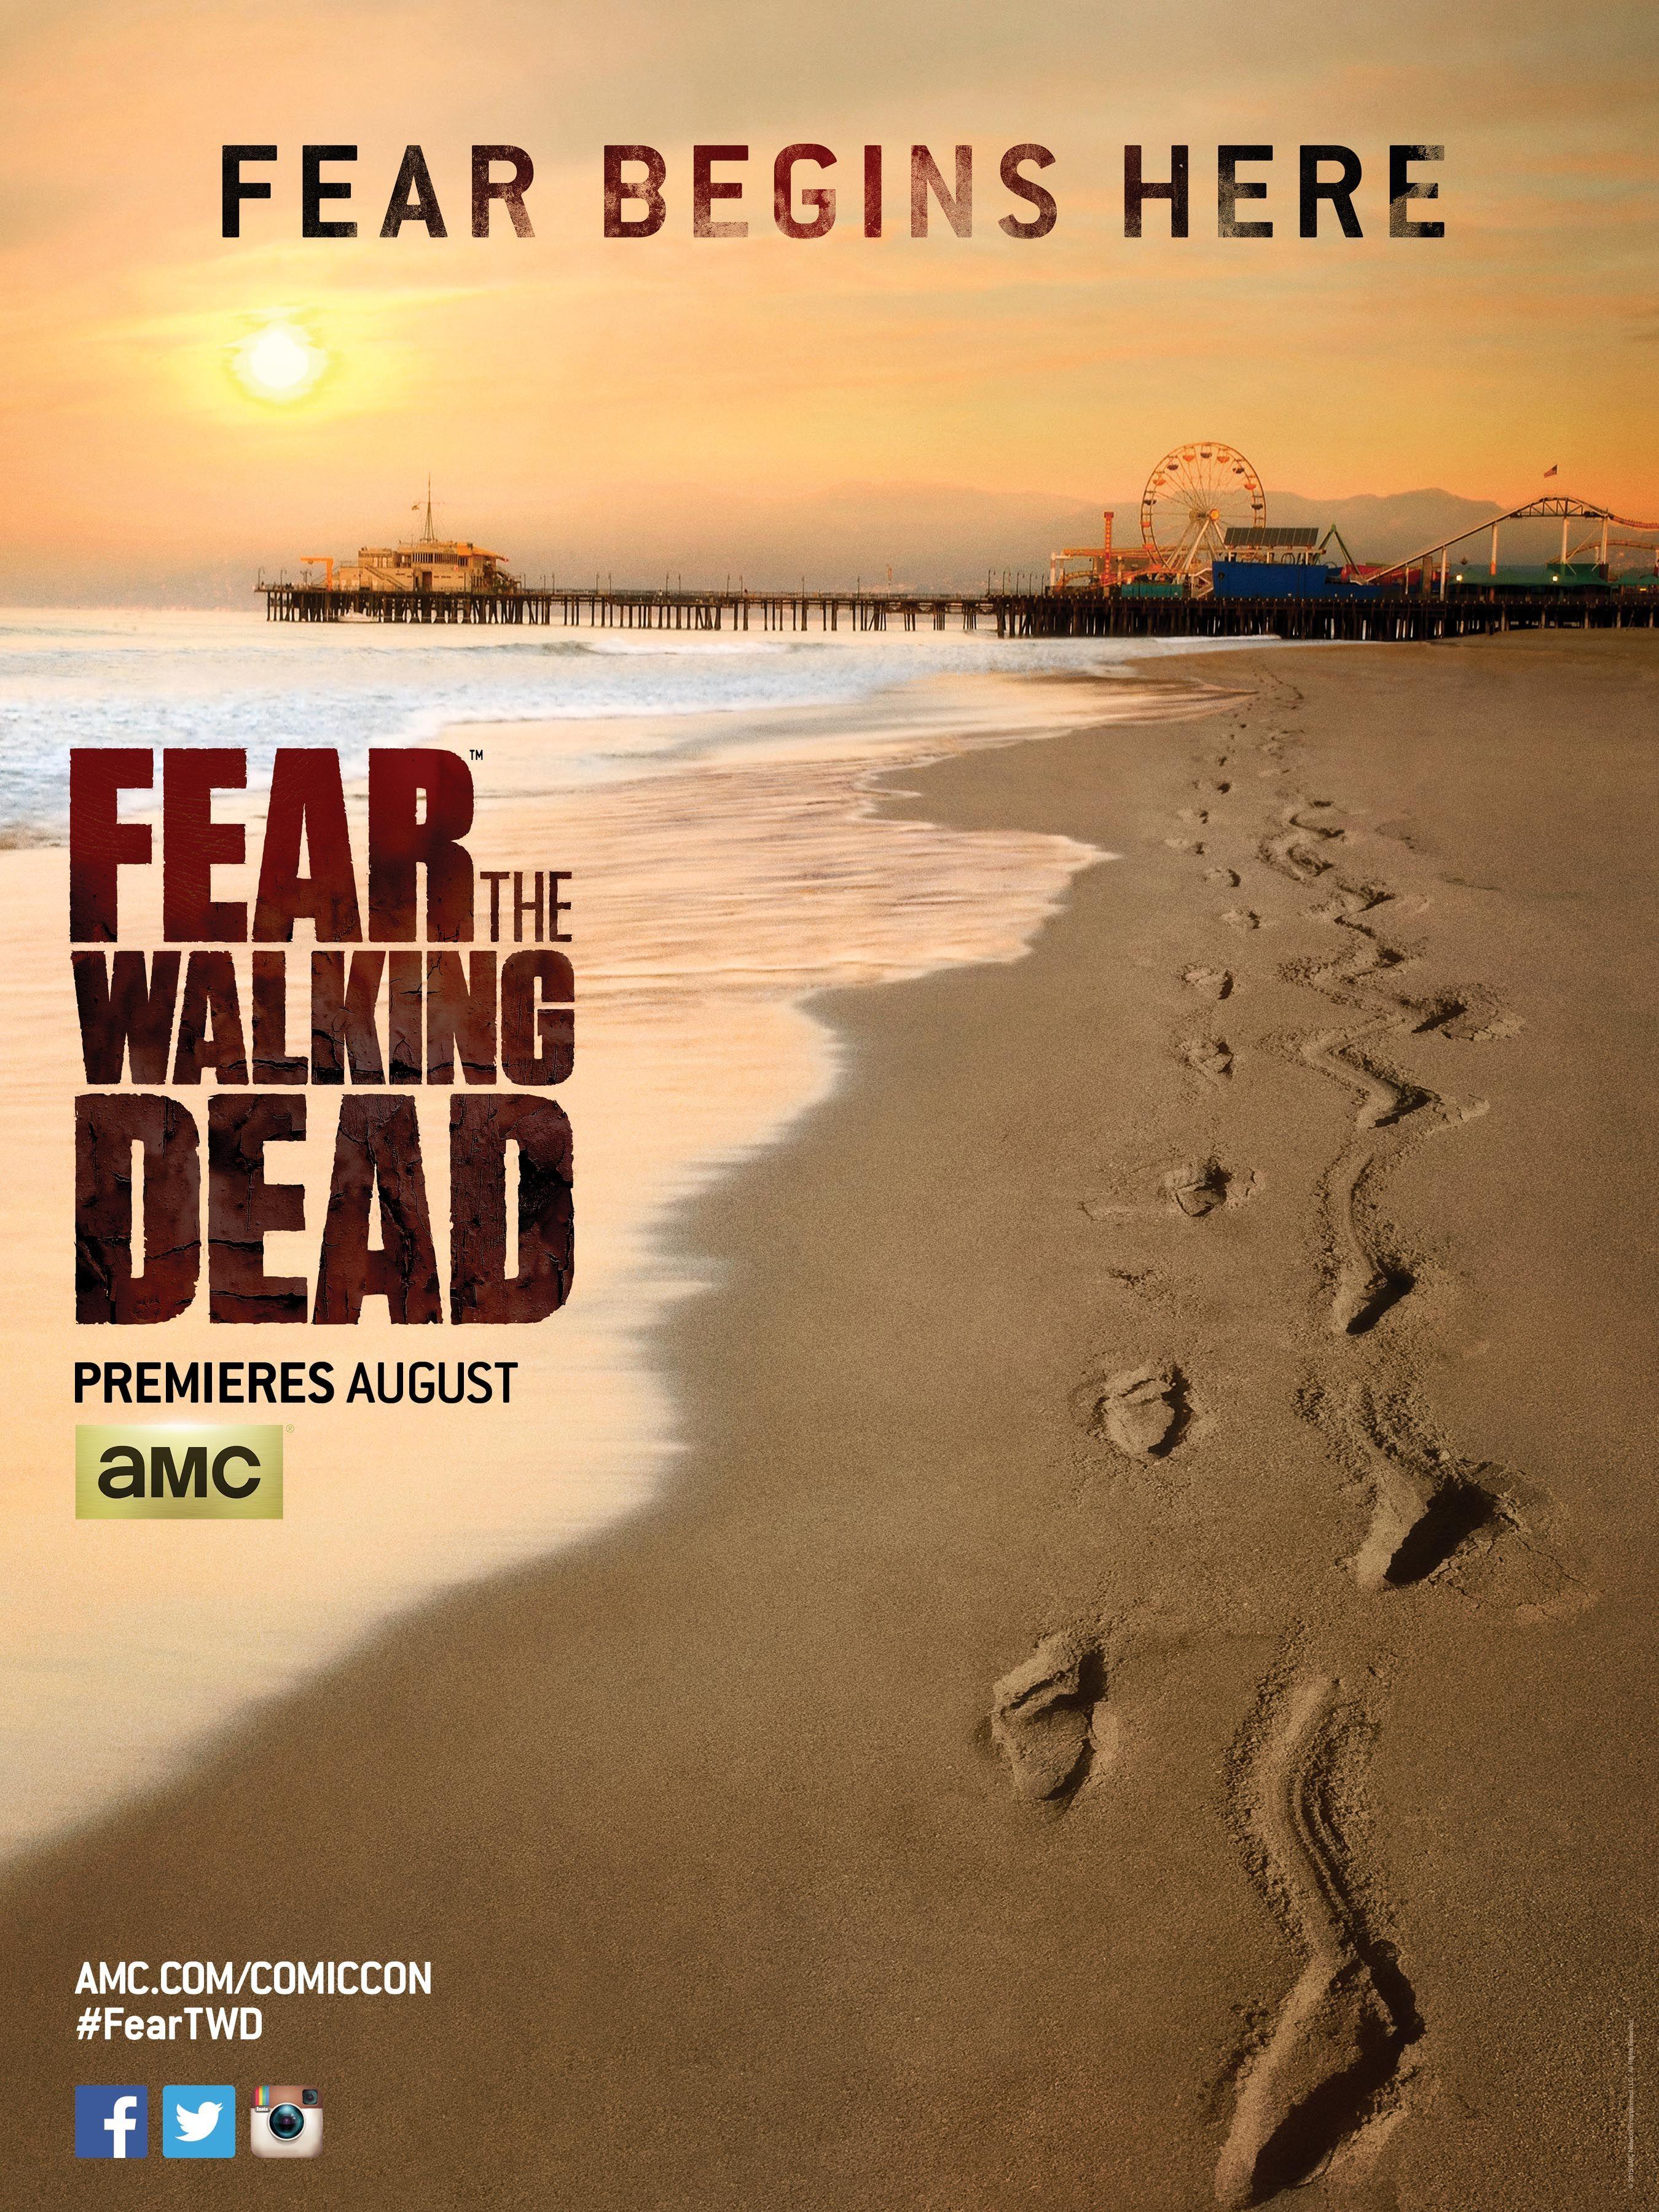 The Walking Dead Fear Stream